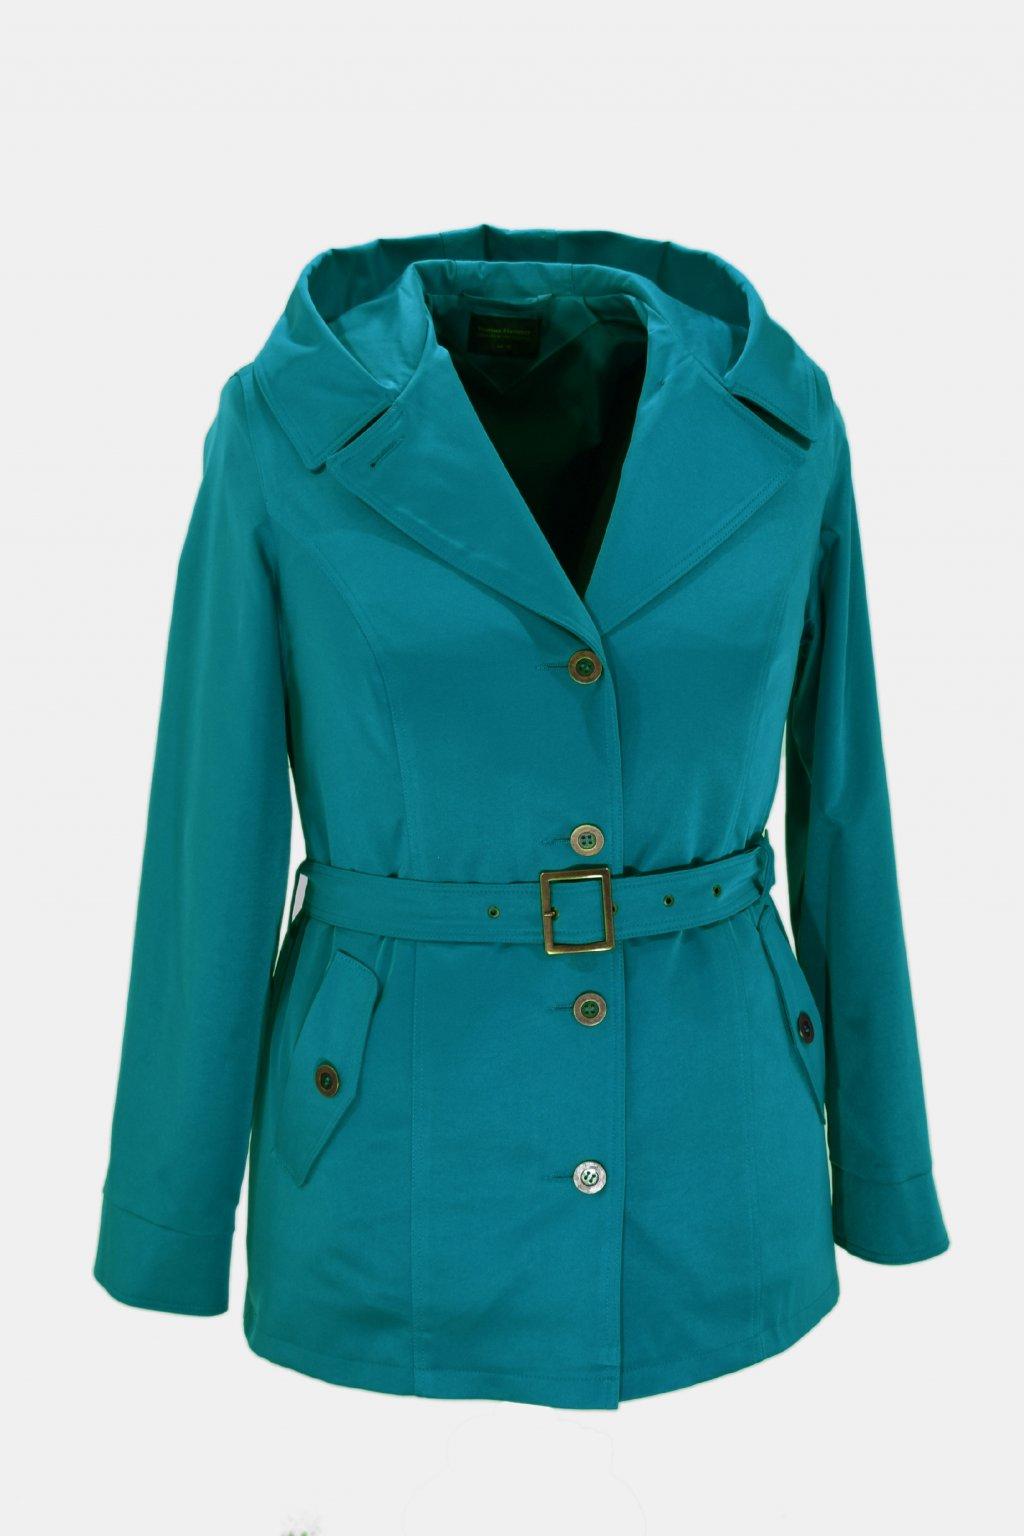 Dámský tyrkysová jarní kabátek Eva nadměrné velikosti.